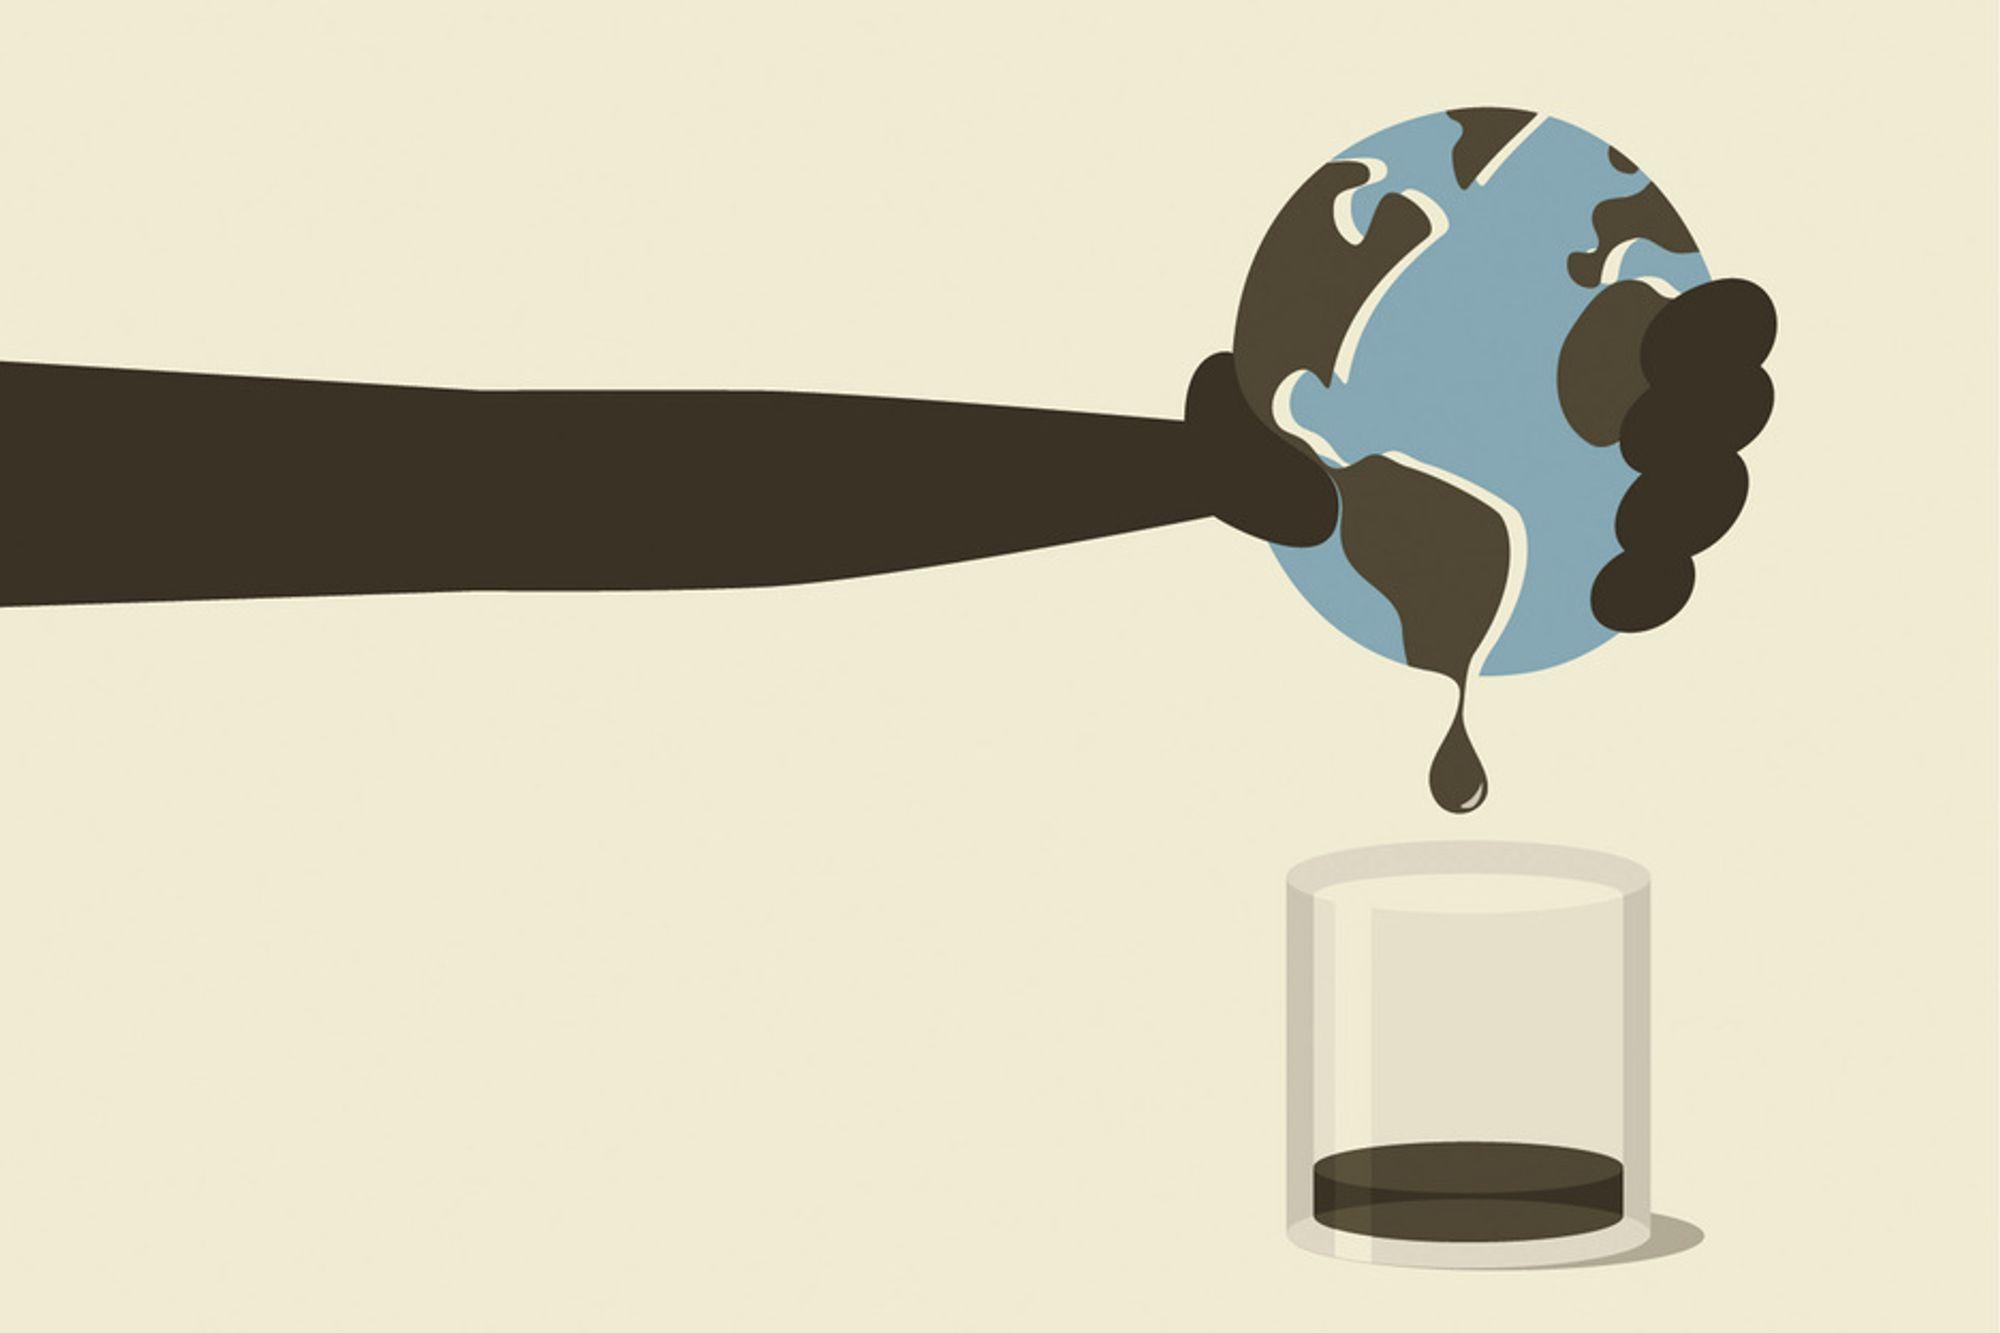 SKVISER SITRONEN: Kriger, spekulasjon eller rett og slett peak oil: Uansett hva som er årsaken er oljen mange ganger dyrere enn før. Helge Lurås og kollegene hans får nå penger fra UD for å skrive en peak oil-rapport, etter først å ha fått avslag.